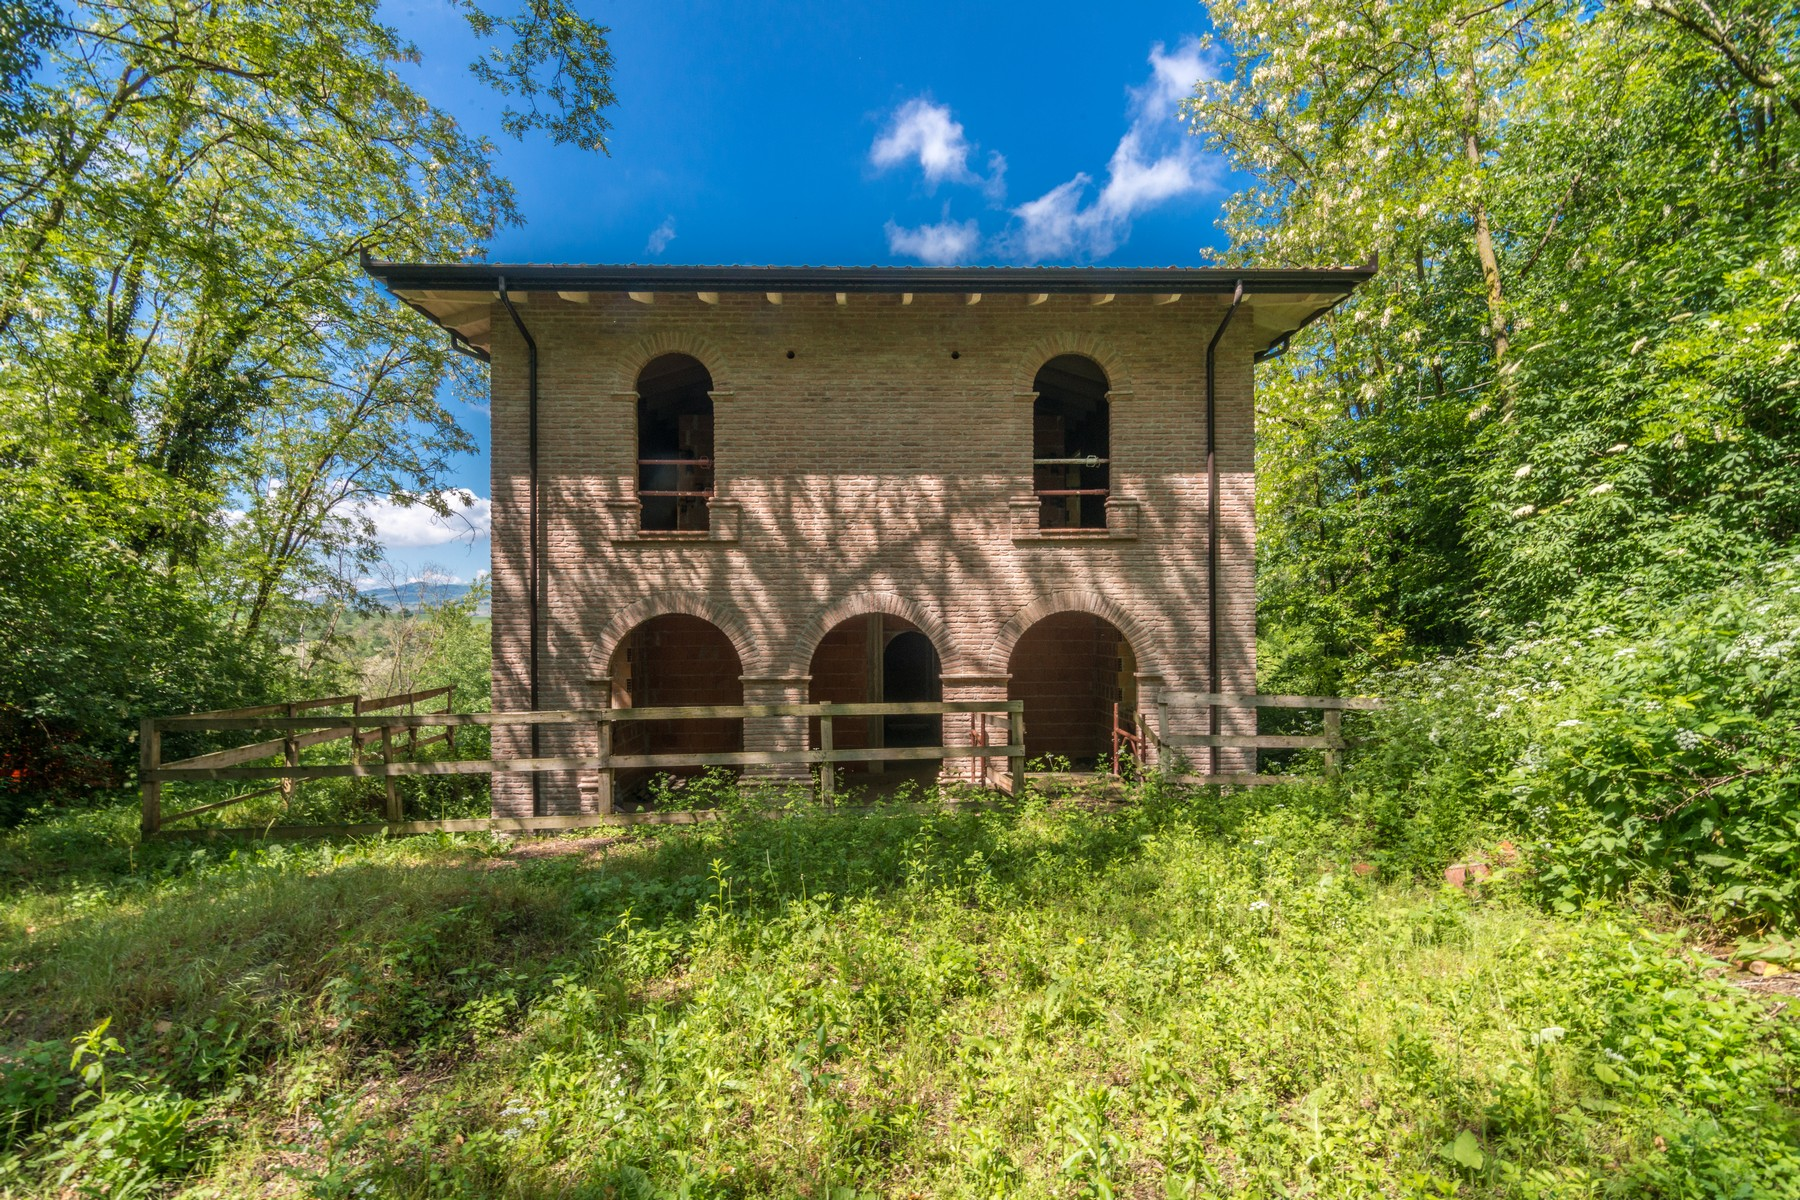 Casa indipendente in Vendita a Piacenza: 5 locali, 800 mq - Foto 5